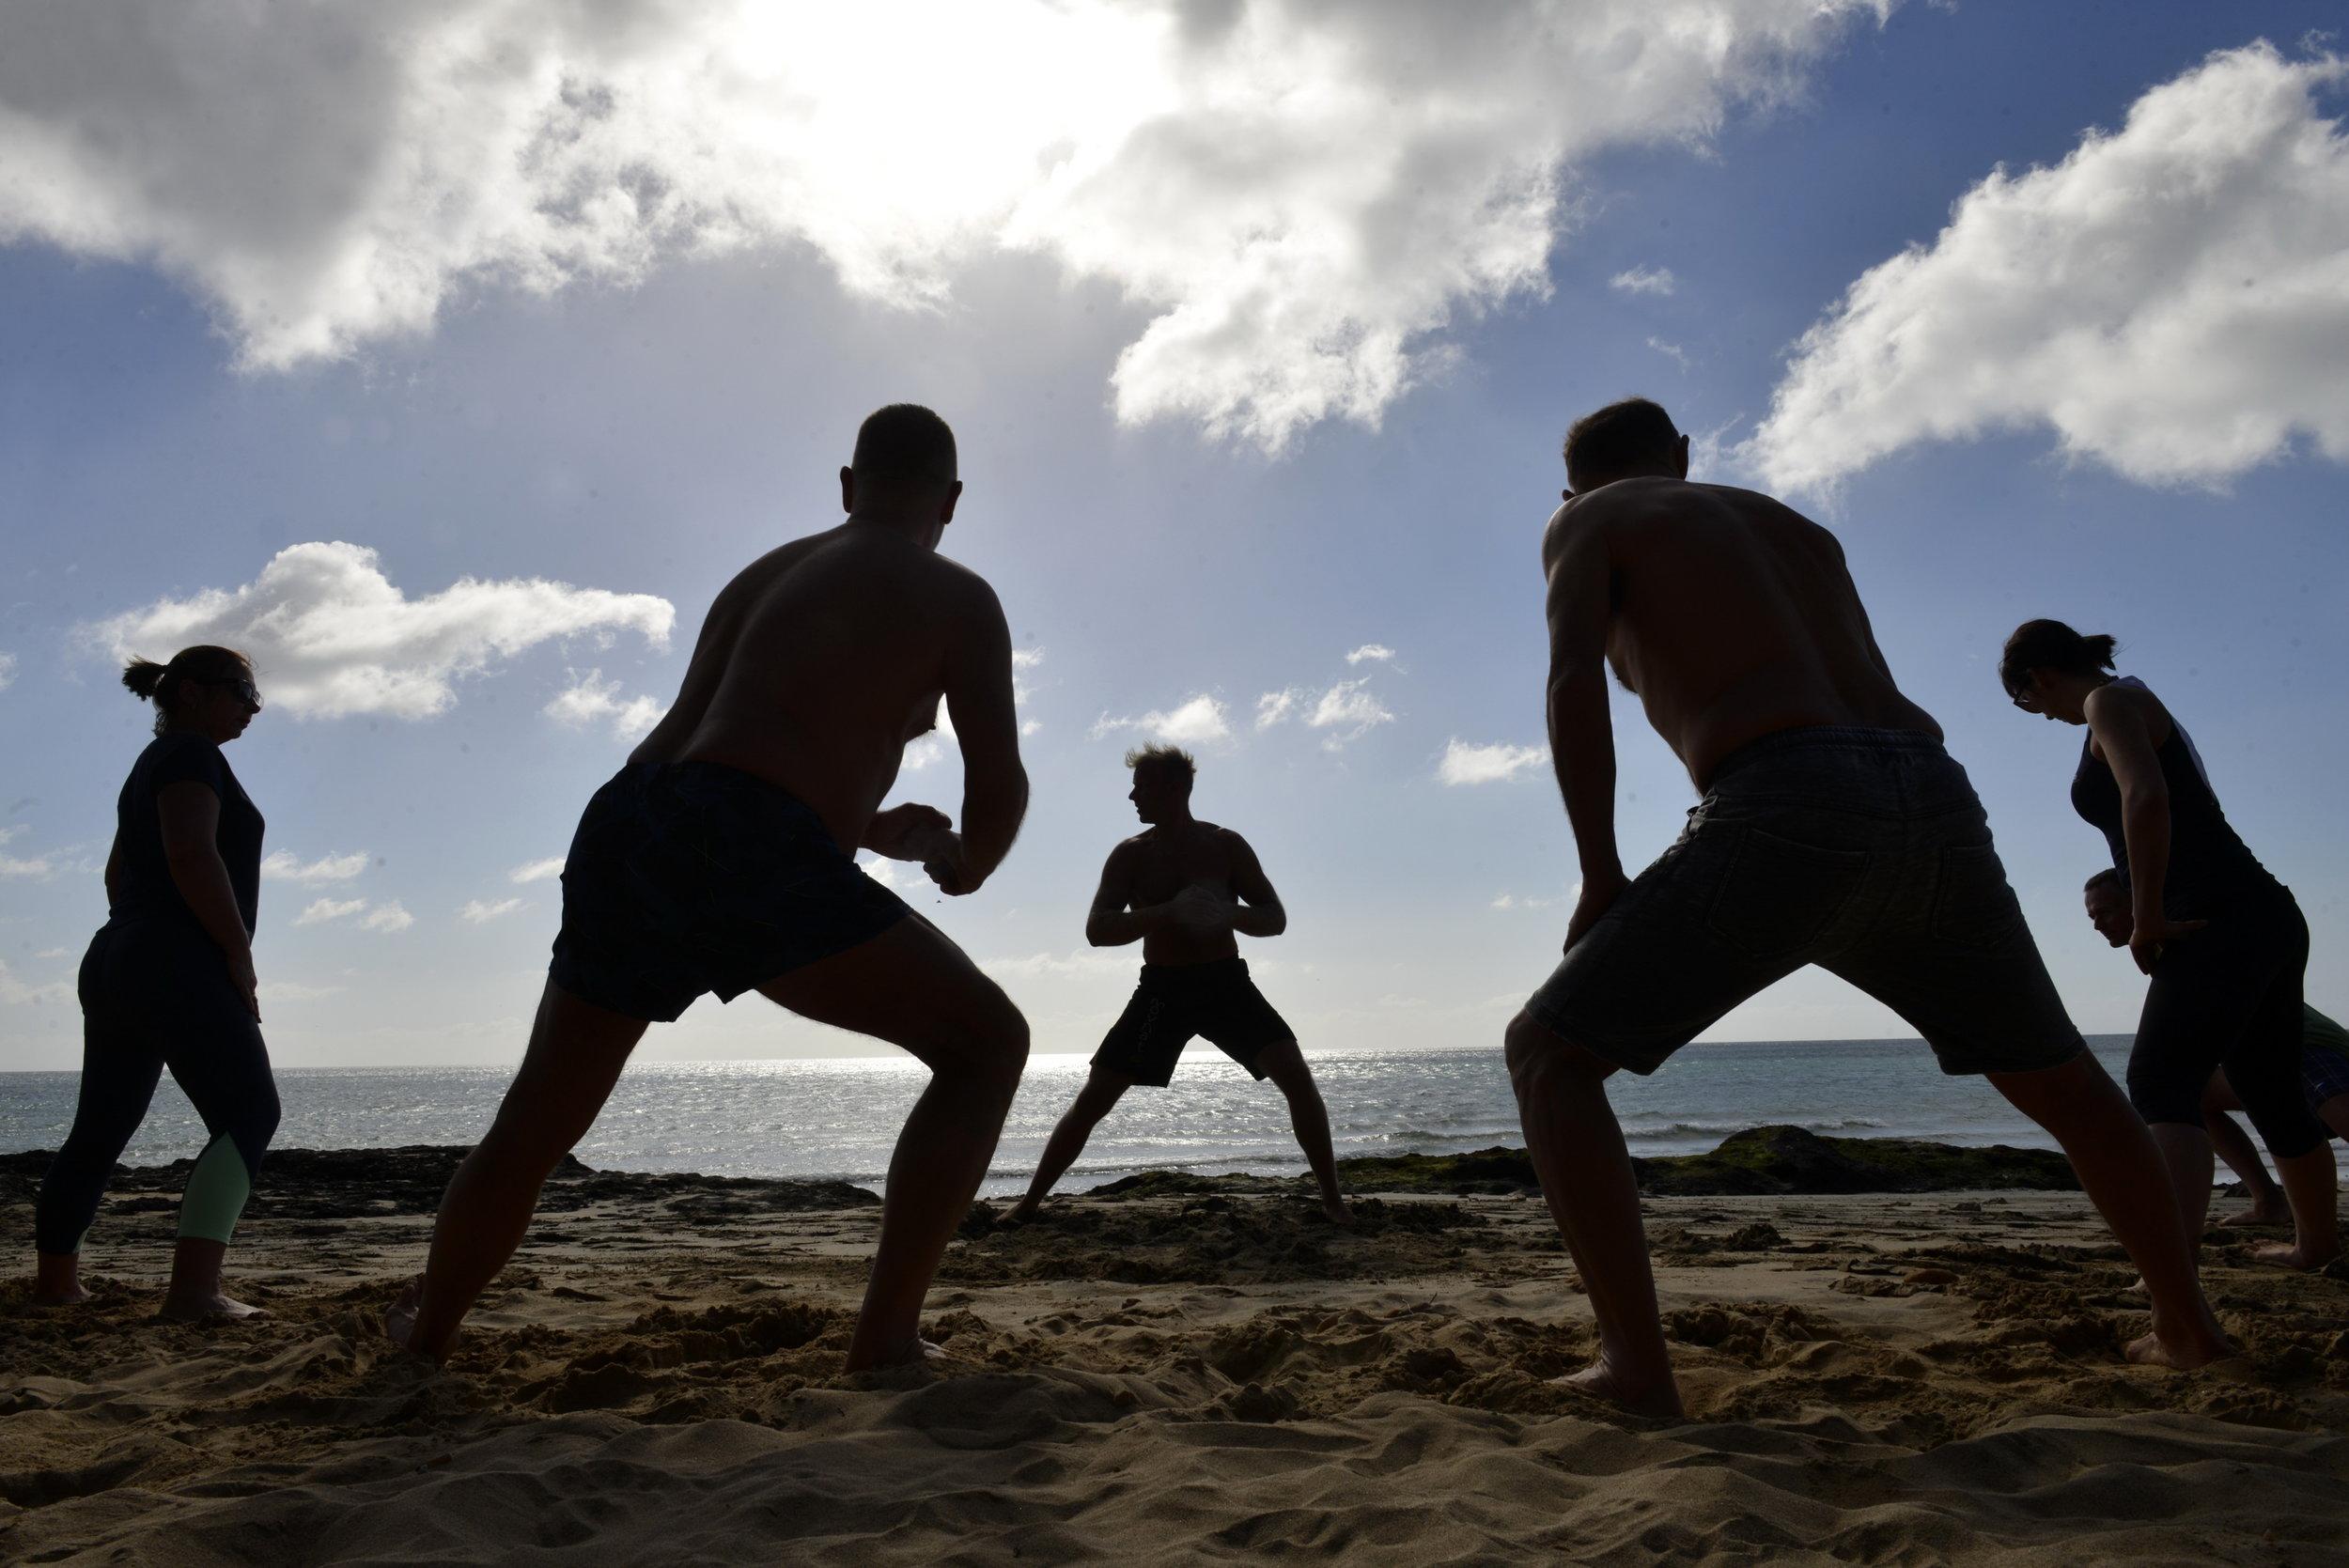 Hogy néz ki egy Sunny Fitness edzés? - Gyakoroljuk a sétát, futást, egyensúlyozást, ugrásokat, állatjárásokat, mászótechnikákat, emelést-cipelést, dobást-elkapást, küzdősport alapokat, csapatmunkát, gimnasztikát, saját testsúlyos erősítő gyakorlatokat és mindezek progresszióit, kombinációit.Biztonságosan, lépésről-lépésre haladunk, minden korosztállyal, edzettségi szinttel lehet csatlakozni. Különösen hangsúlyos a talajmunka, hogy visszaállítsuk az ízületek mobilitását, stabilitását. Folyamatosan szűrjük a gyenge pontjaidat és javítjuk a mozgásminőséged.A szabadtéri edzéseket részesítem előnyben, hogy egyúttal megkapjuk a napfény, földelés, friss levegő pozitív hatásait.Úgy gondolom (a legfrissebb tudományos eredmények alapján), hogy a modern ember első számú problémái a napfény- és természethiány, a rossz táplálkozás valamint a túl sok ülve eltöltött idő a négy fal között a képernyők előtt és mesterséges fények alatt... Továbbá, hogy nem használjuk ki a testünk elképesztő mozgás kapacitását.Az edzéseimen együtt kapod meg a sport és a természethez való kapcsolódás előnyeit!Segítek egy természetesen erős, hajlékony test elérésében, ezáltal egy tudatos, ügyes és fitt ember leszel!